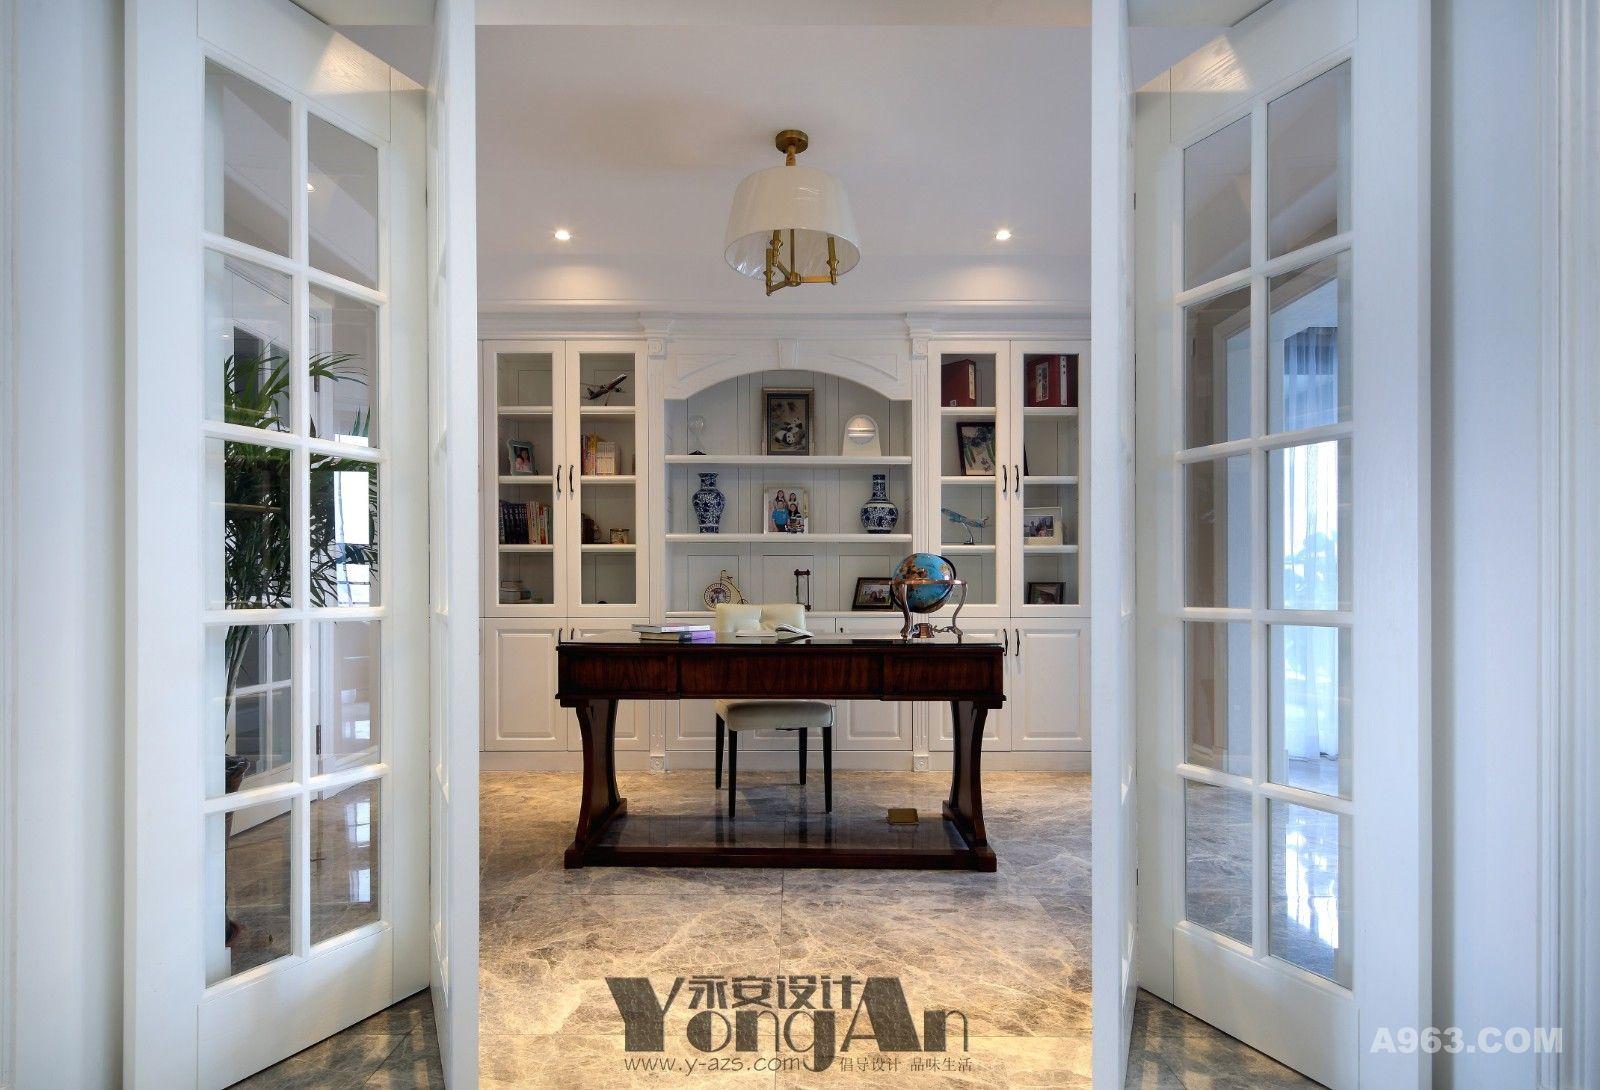 书房:推开若隐若现的门,那里有等着我们探索知识的海洋。